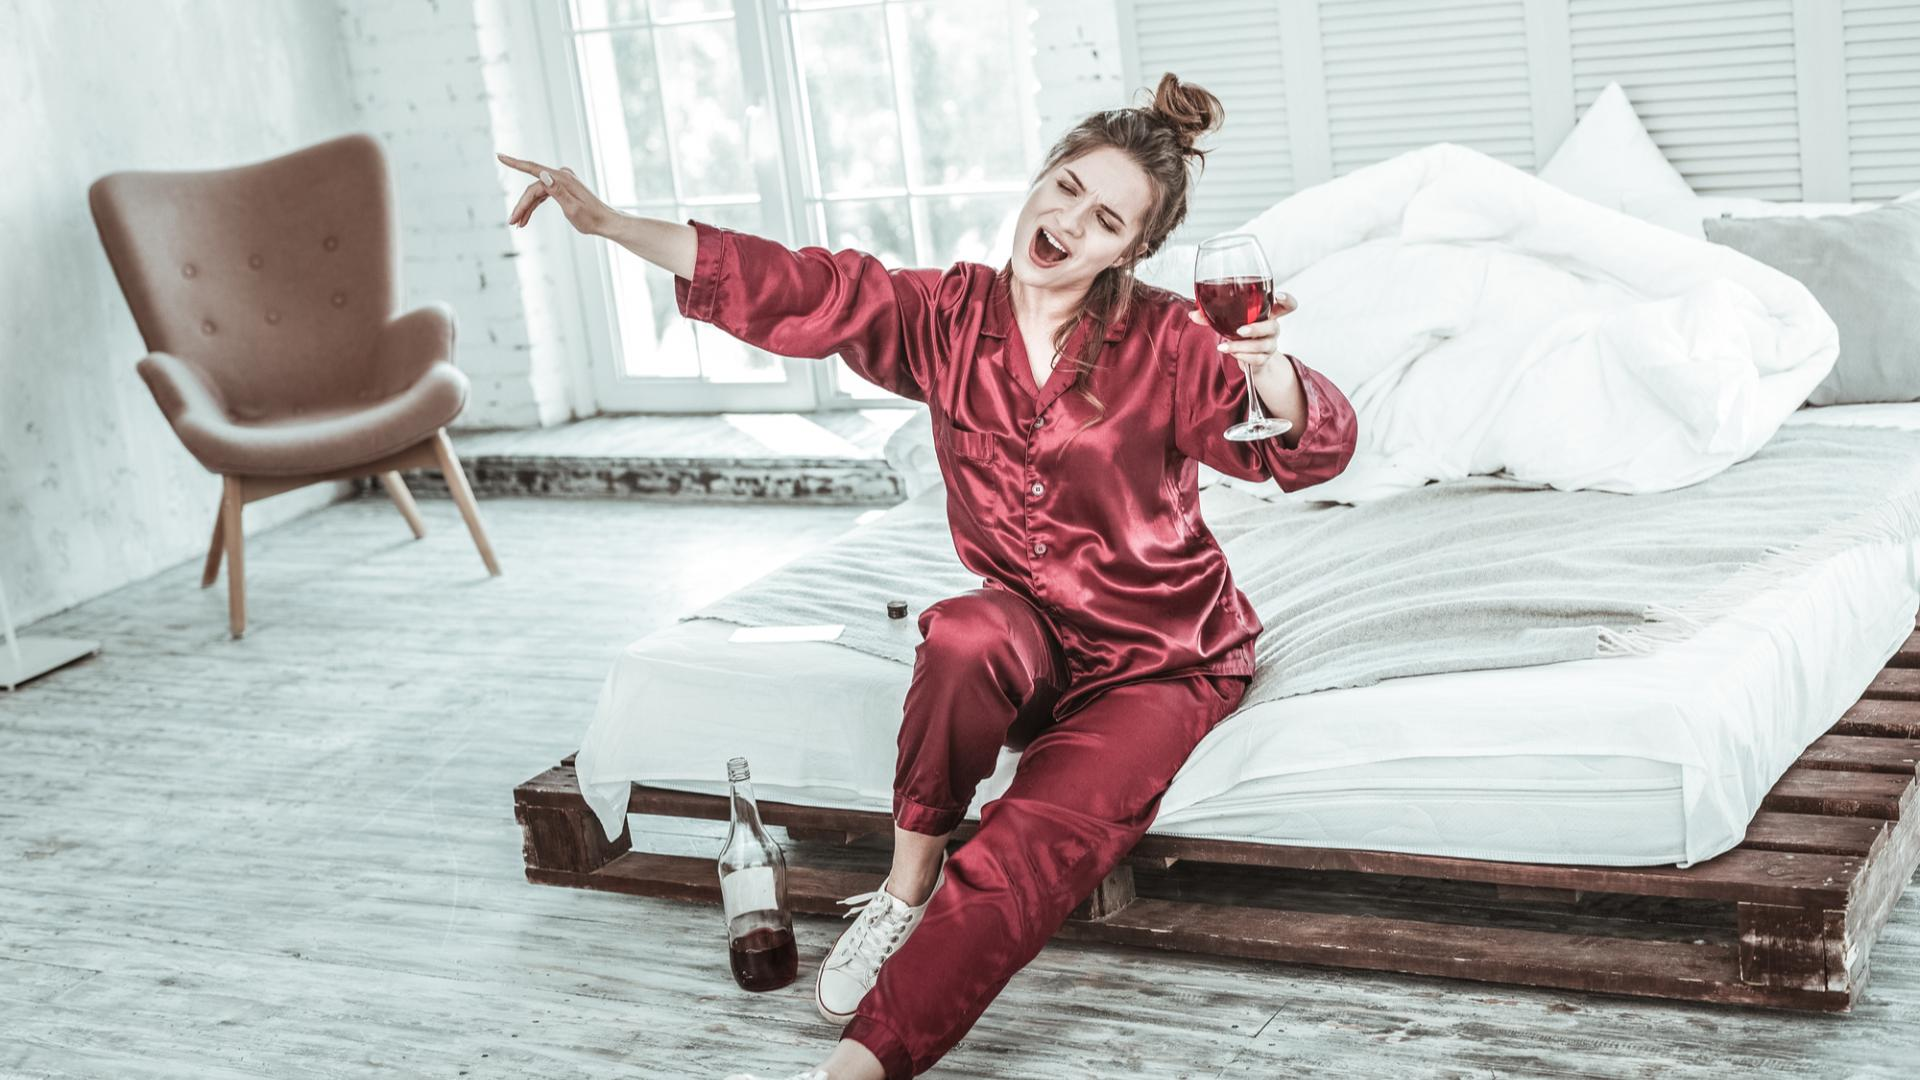 Wein Alkoholiker zuhause social distancing bett schlafanzug trinken